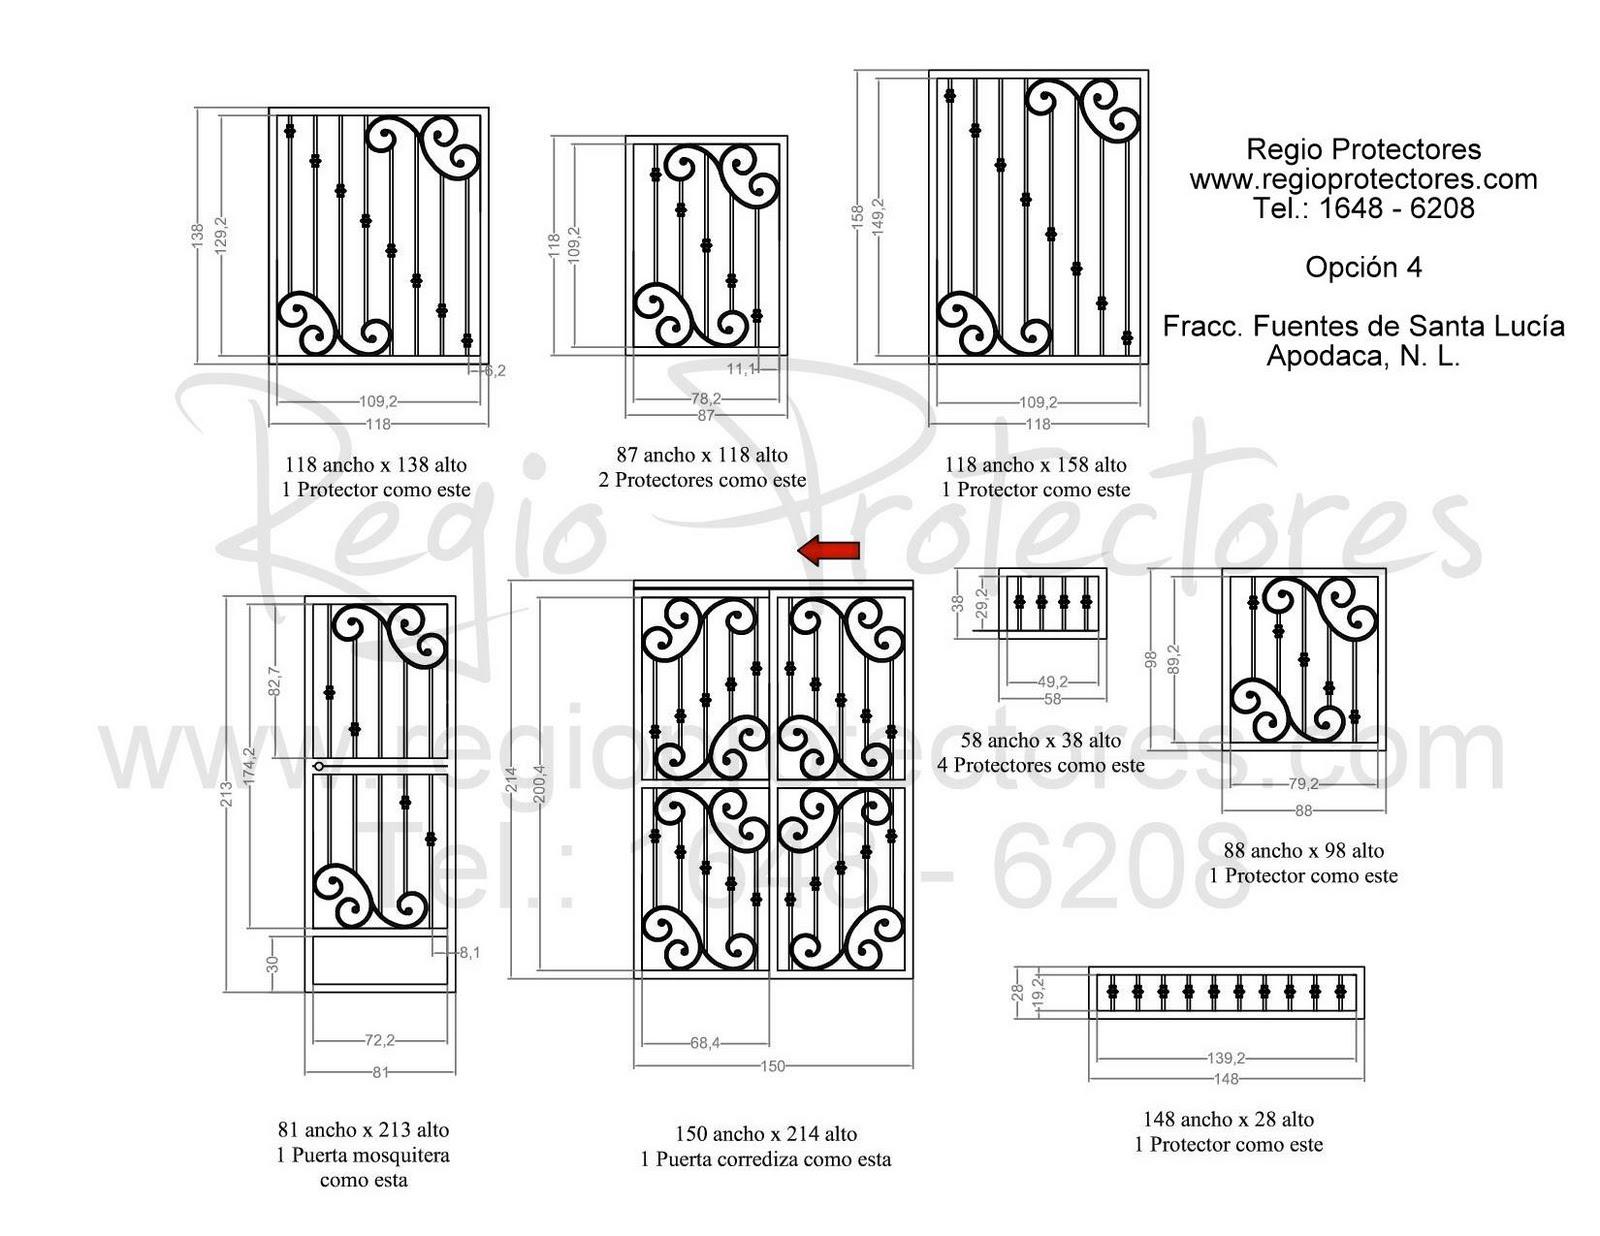 para ventanas y puertas, Fuentes de Santa Lucía, #180, Plano de